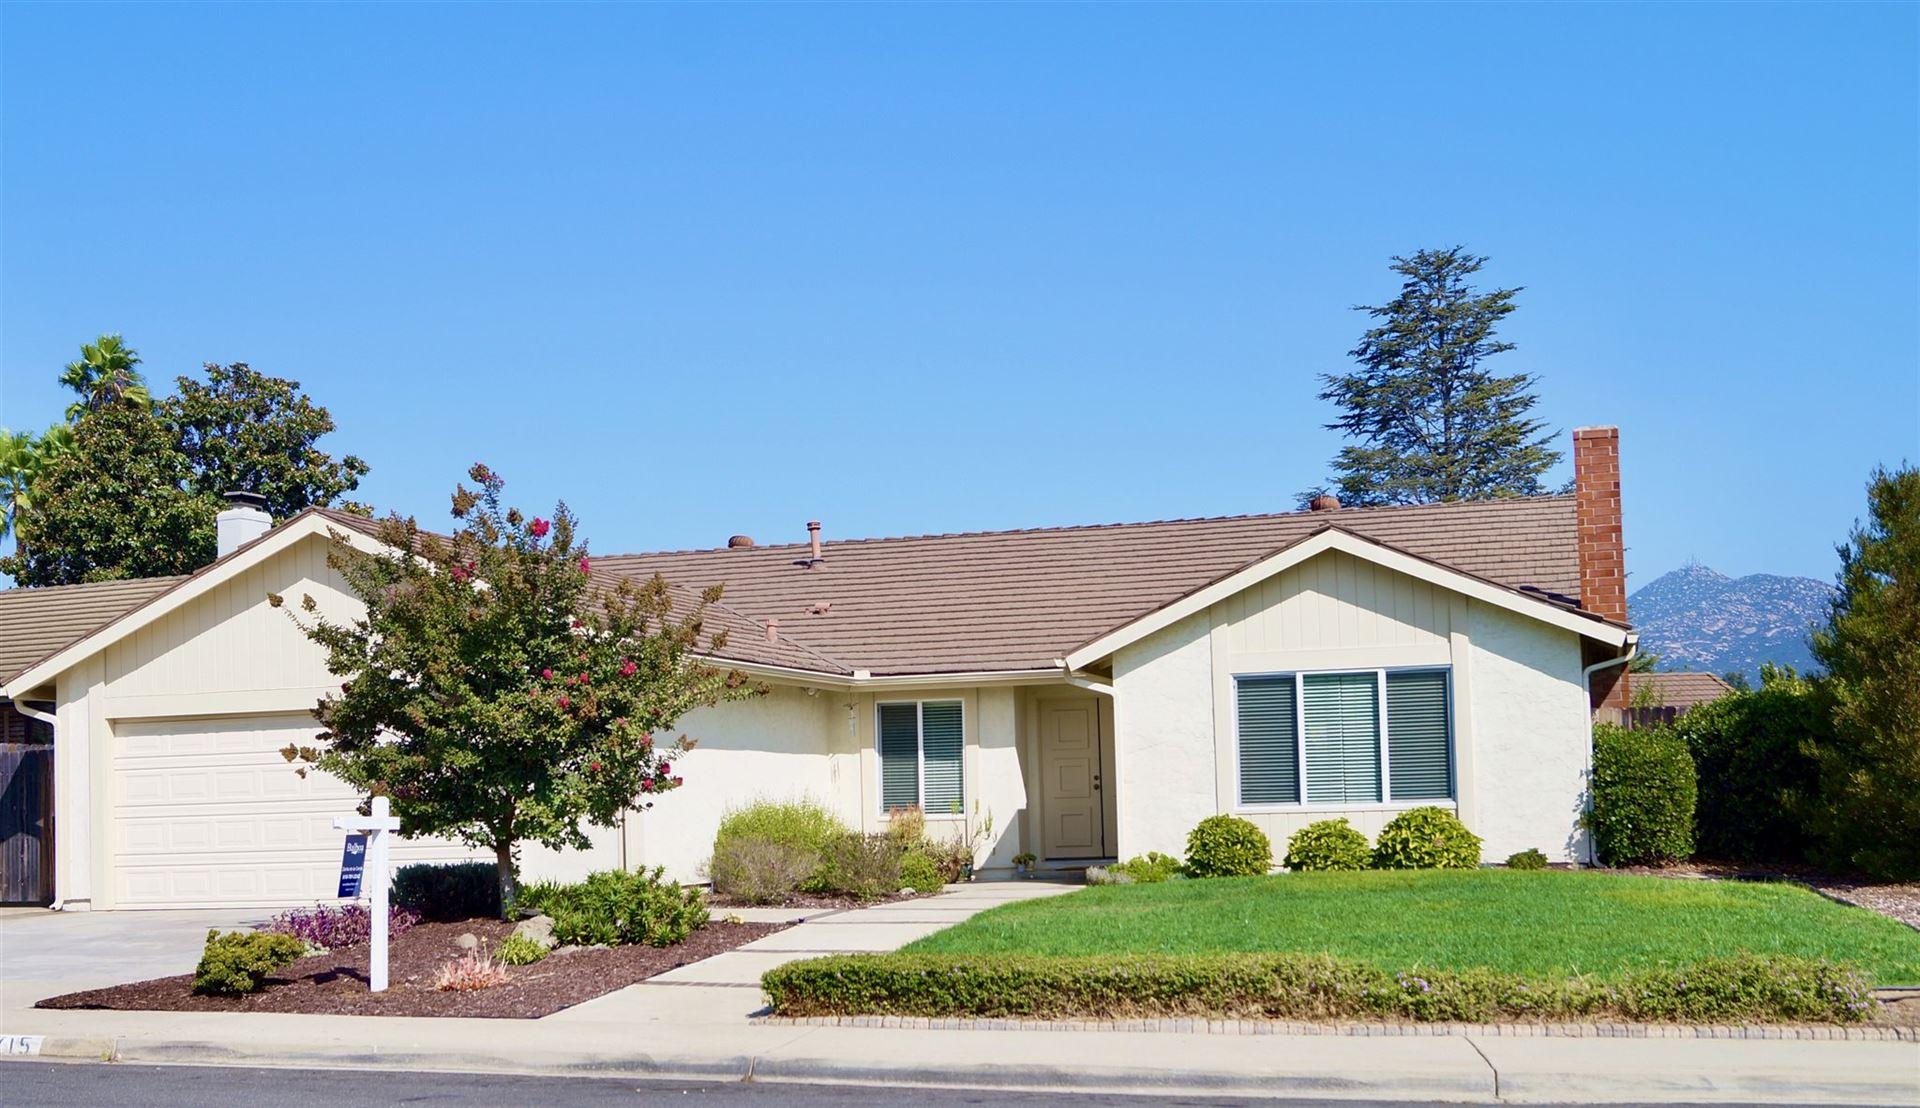 Photo of 12715 Summerfield Ln, Poway, CA 92064 (MLS # 200045896)